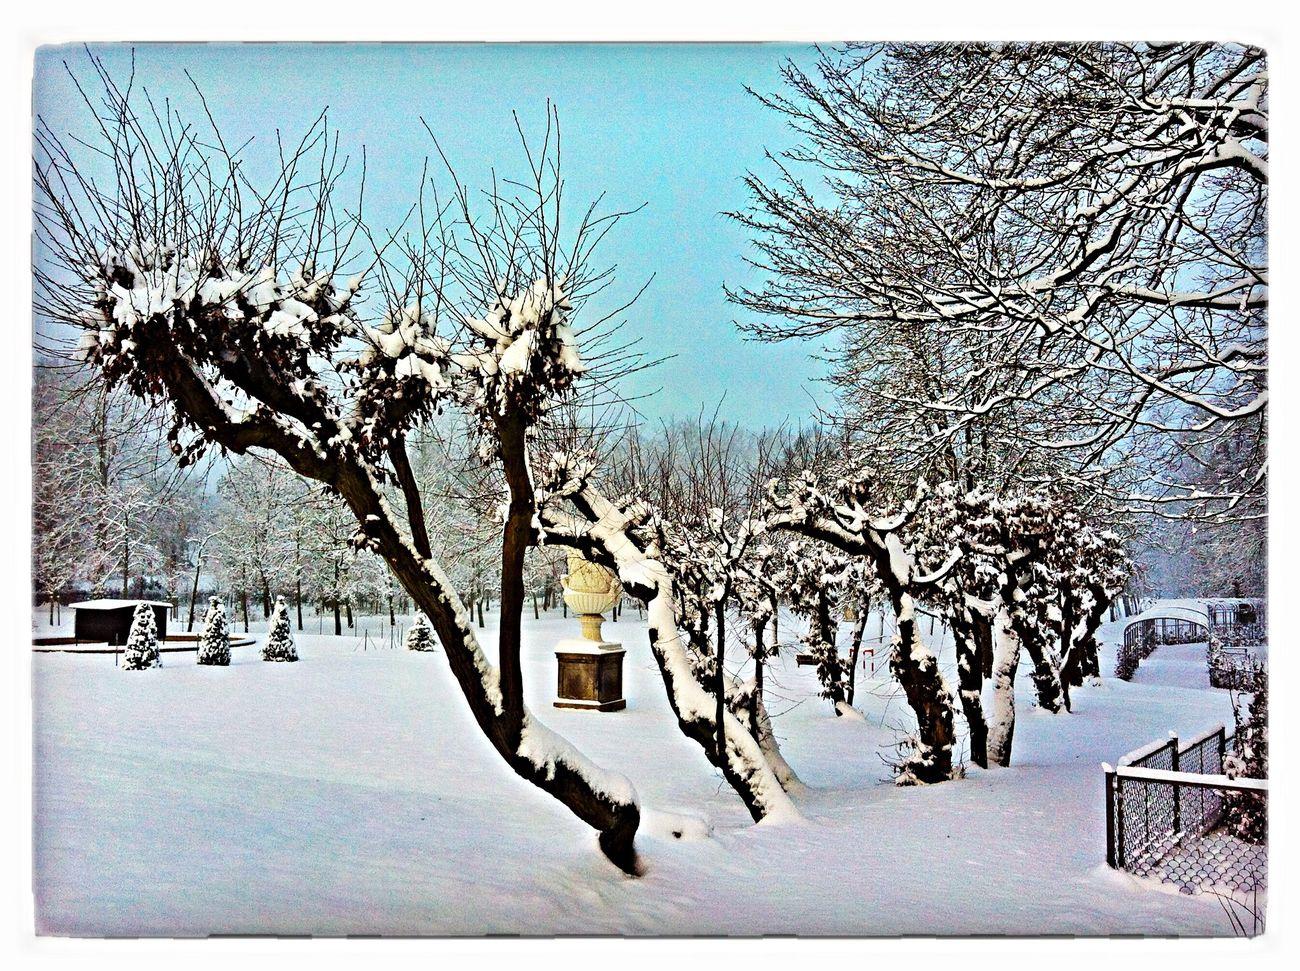 Wintertime Parkweg Schlosspark Schnee